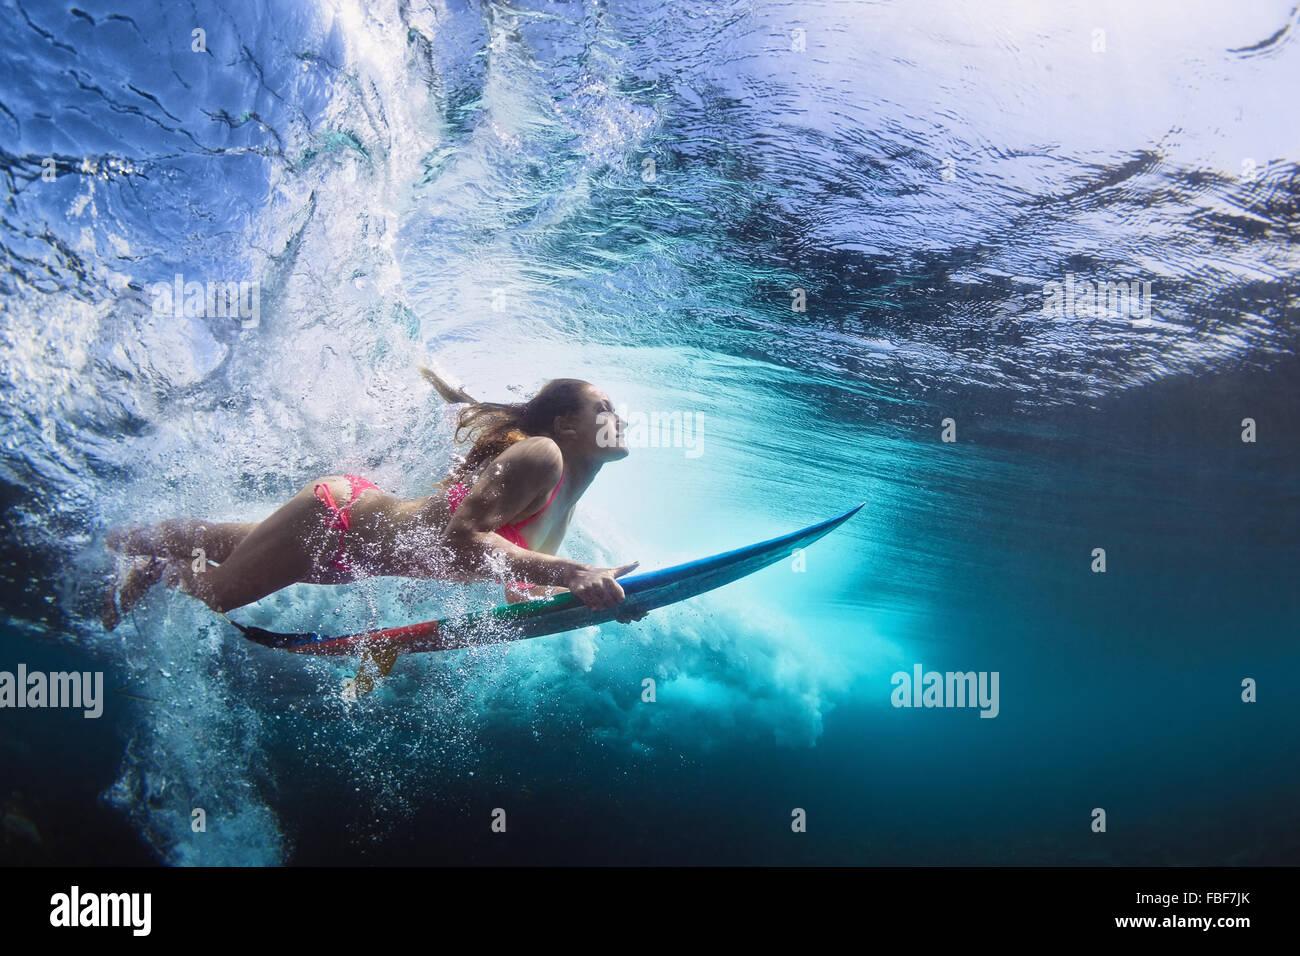 Jeune fille en bikini - surfer avec planche de surf sous l'eau plongée avec plaisir sous les grandes vagues Photo Stock